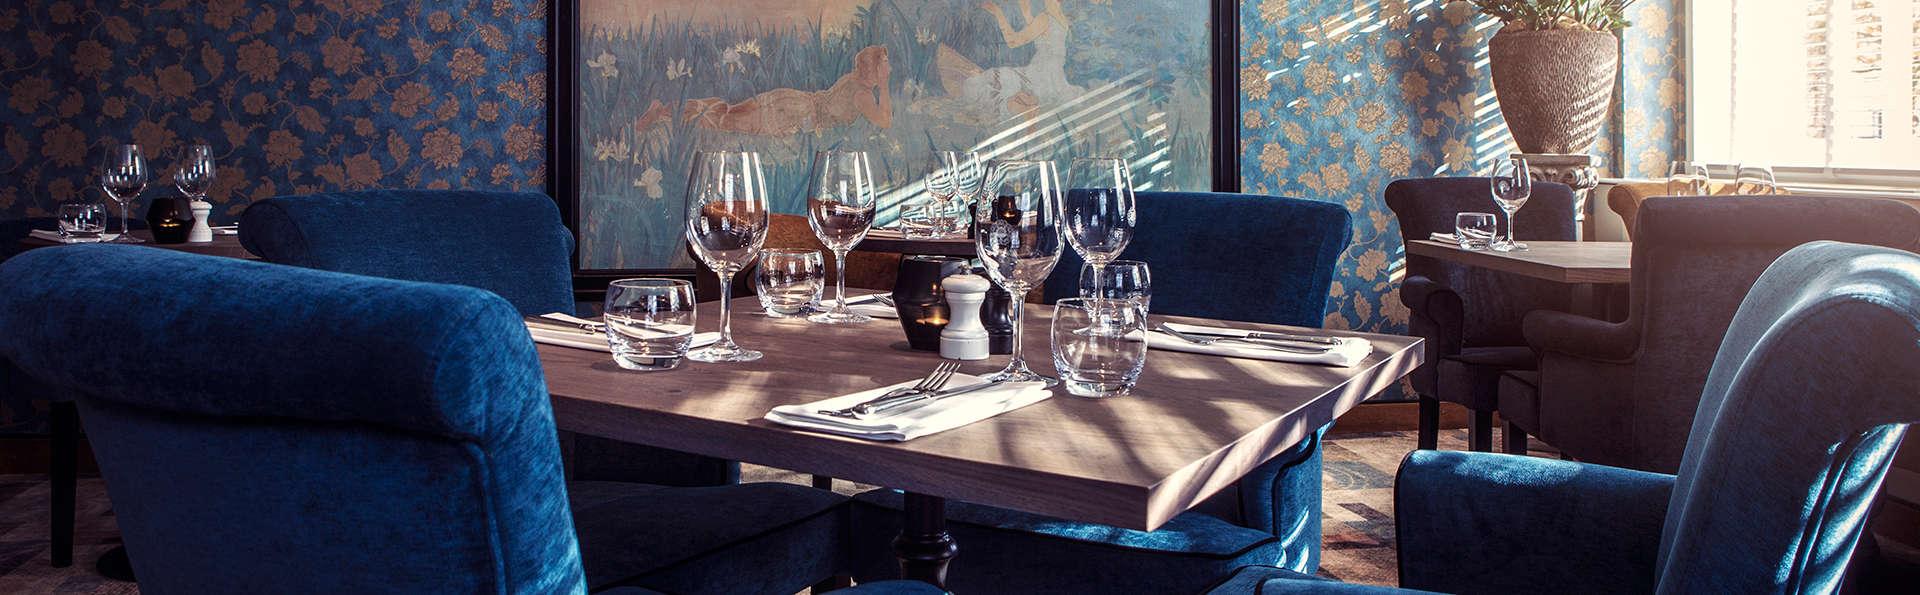 Romanticismo y detalle gastronómico en el corazón de La Haya